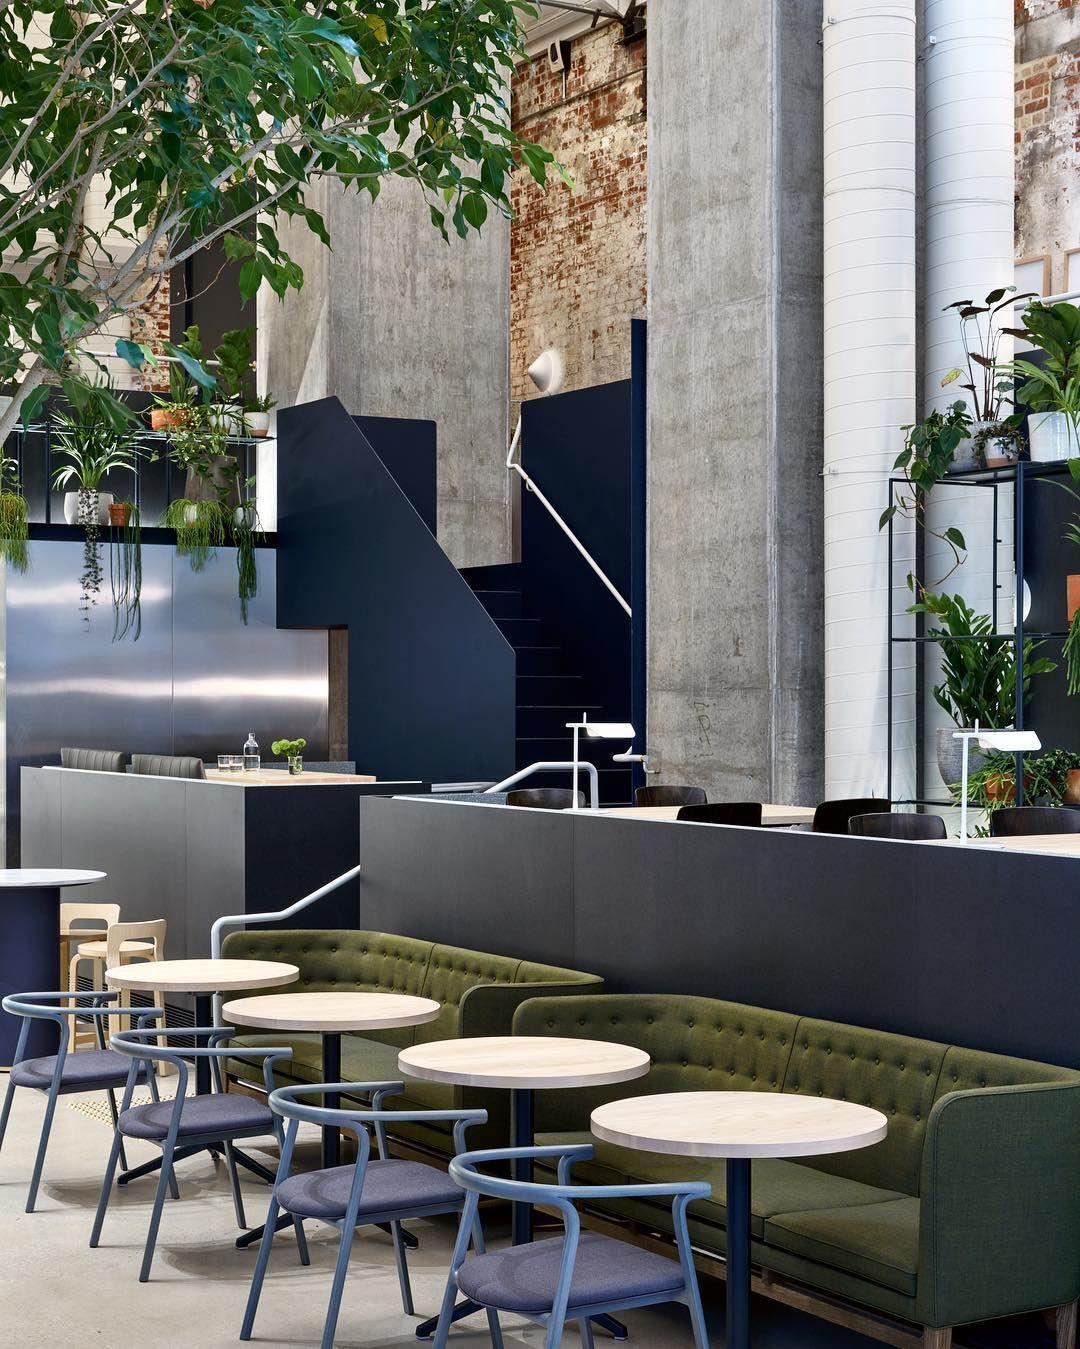 650 little bourke street melbourne new melbourne cafe for Innendekoration restaurant